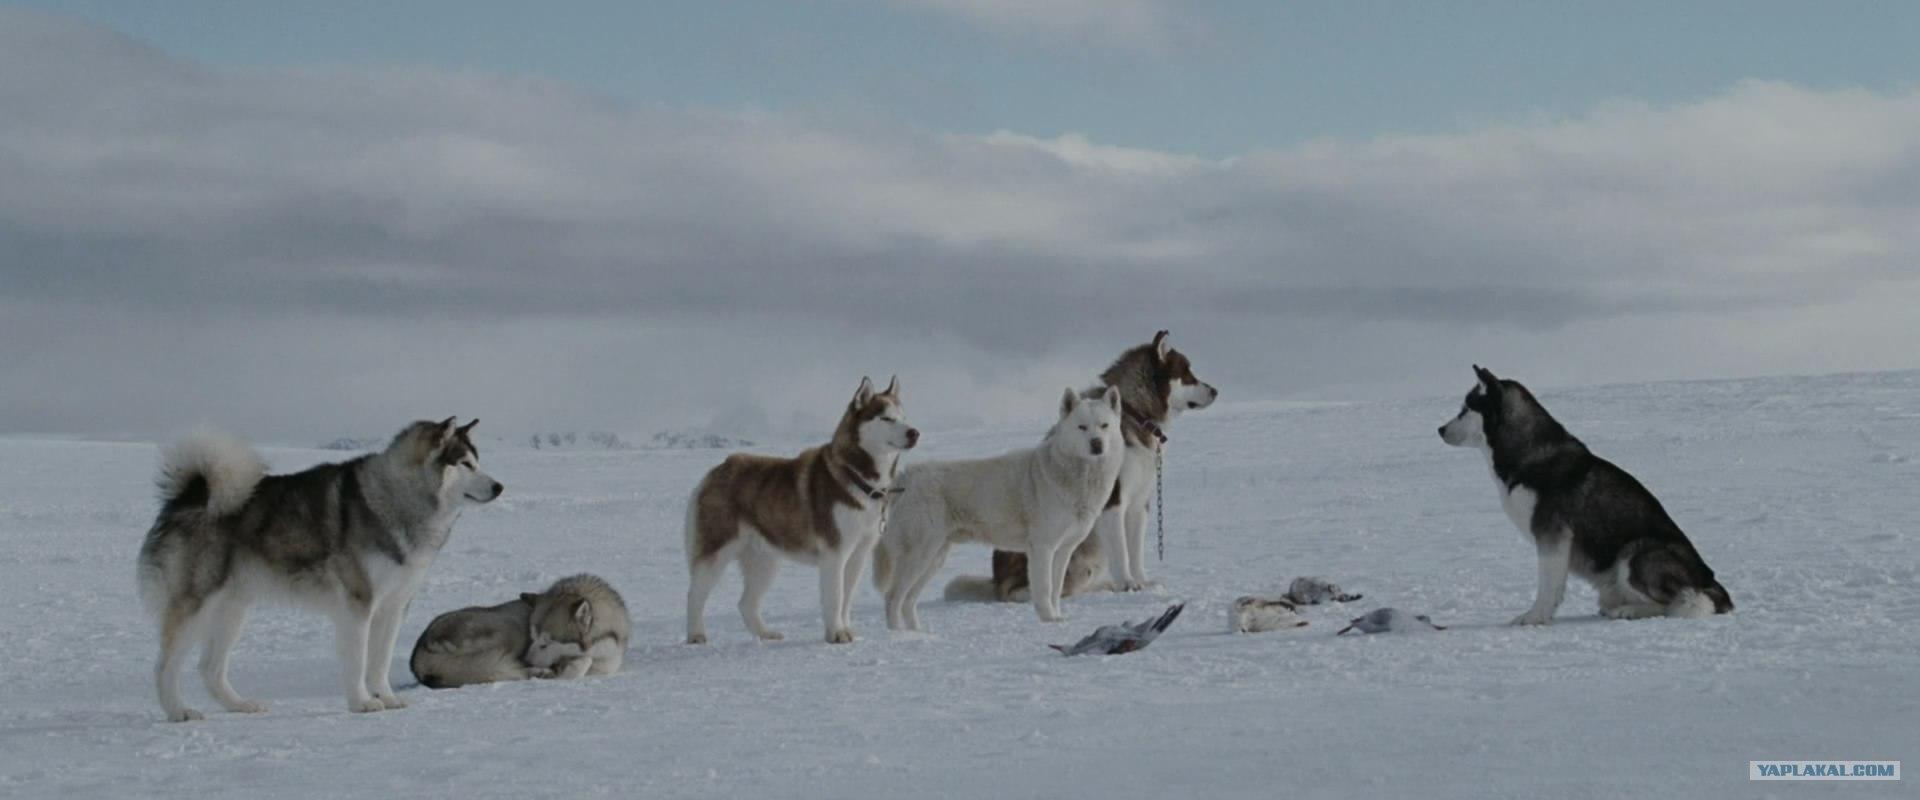 смотреть бесплатно фильм белый плен онлайн бесплатно: